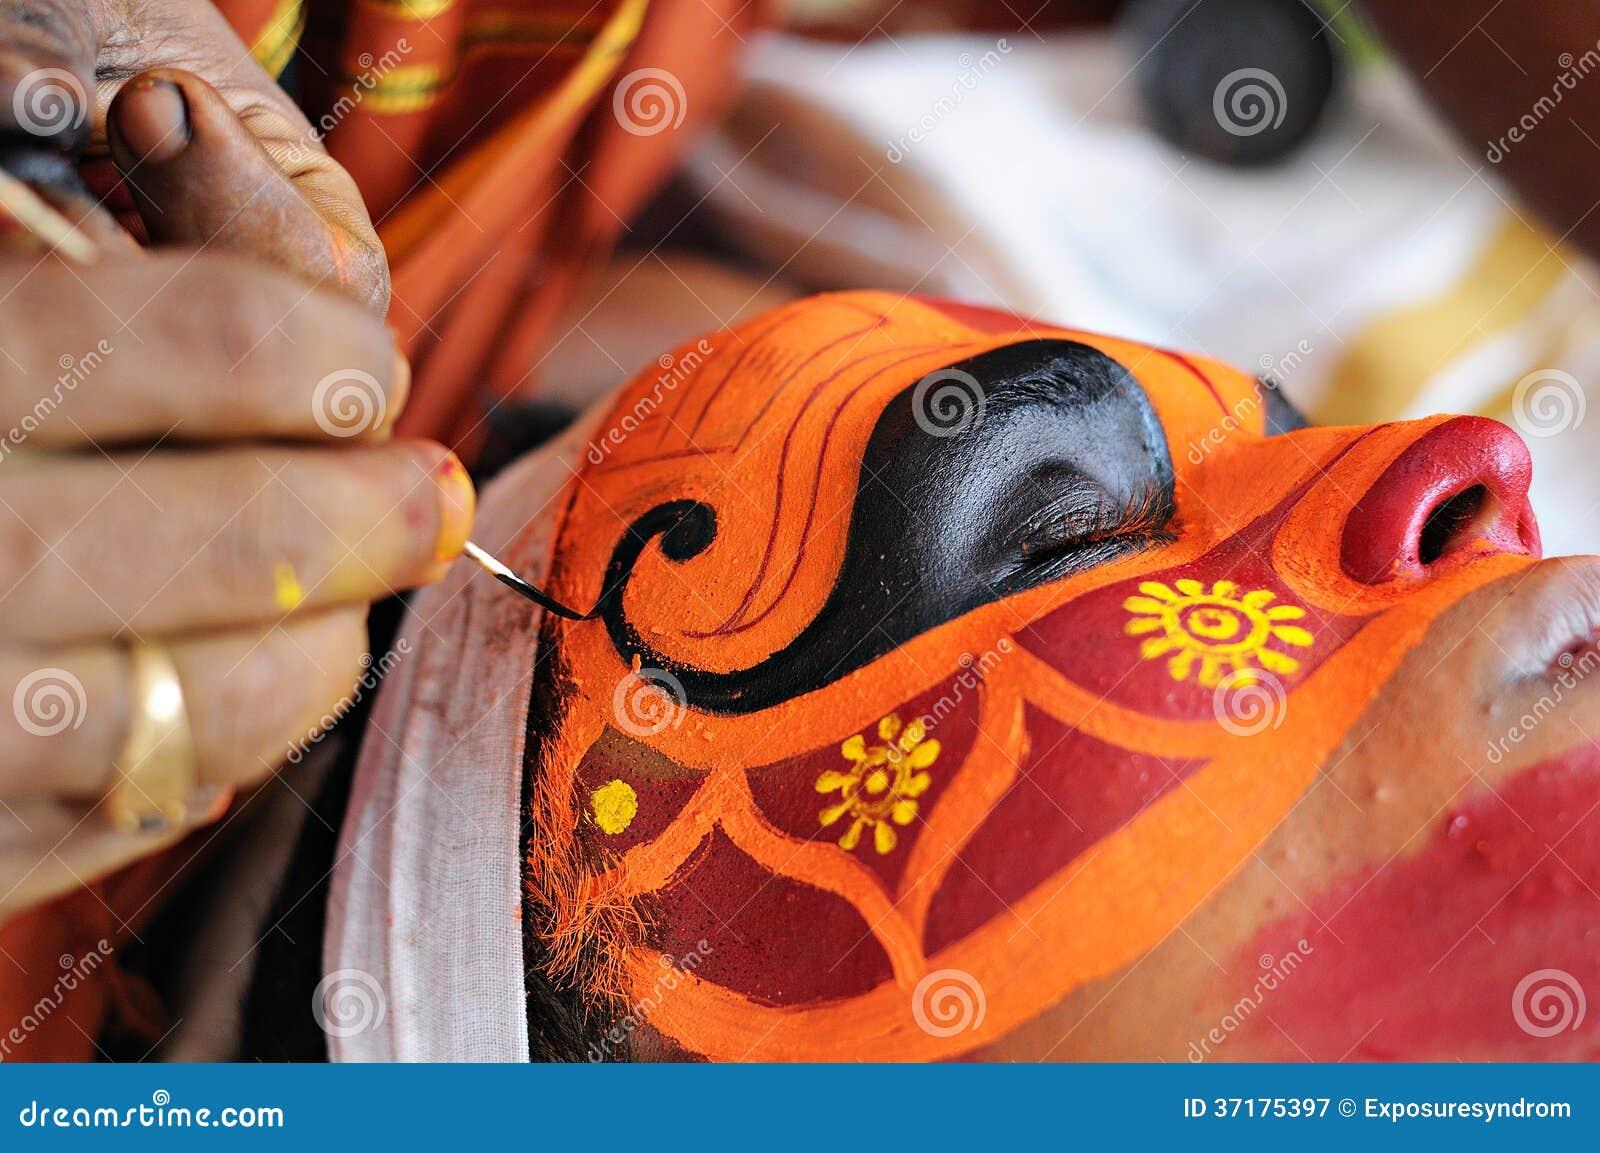 Folk arts of kerala in malayalam language learn